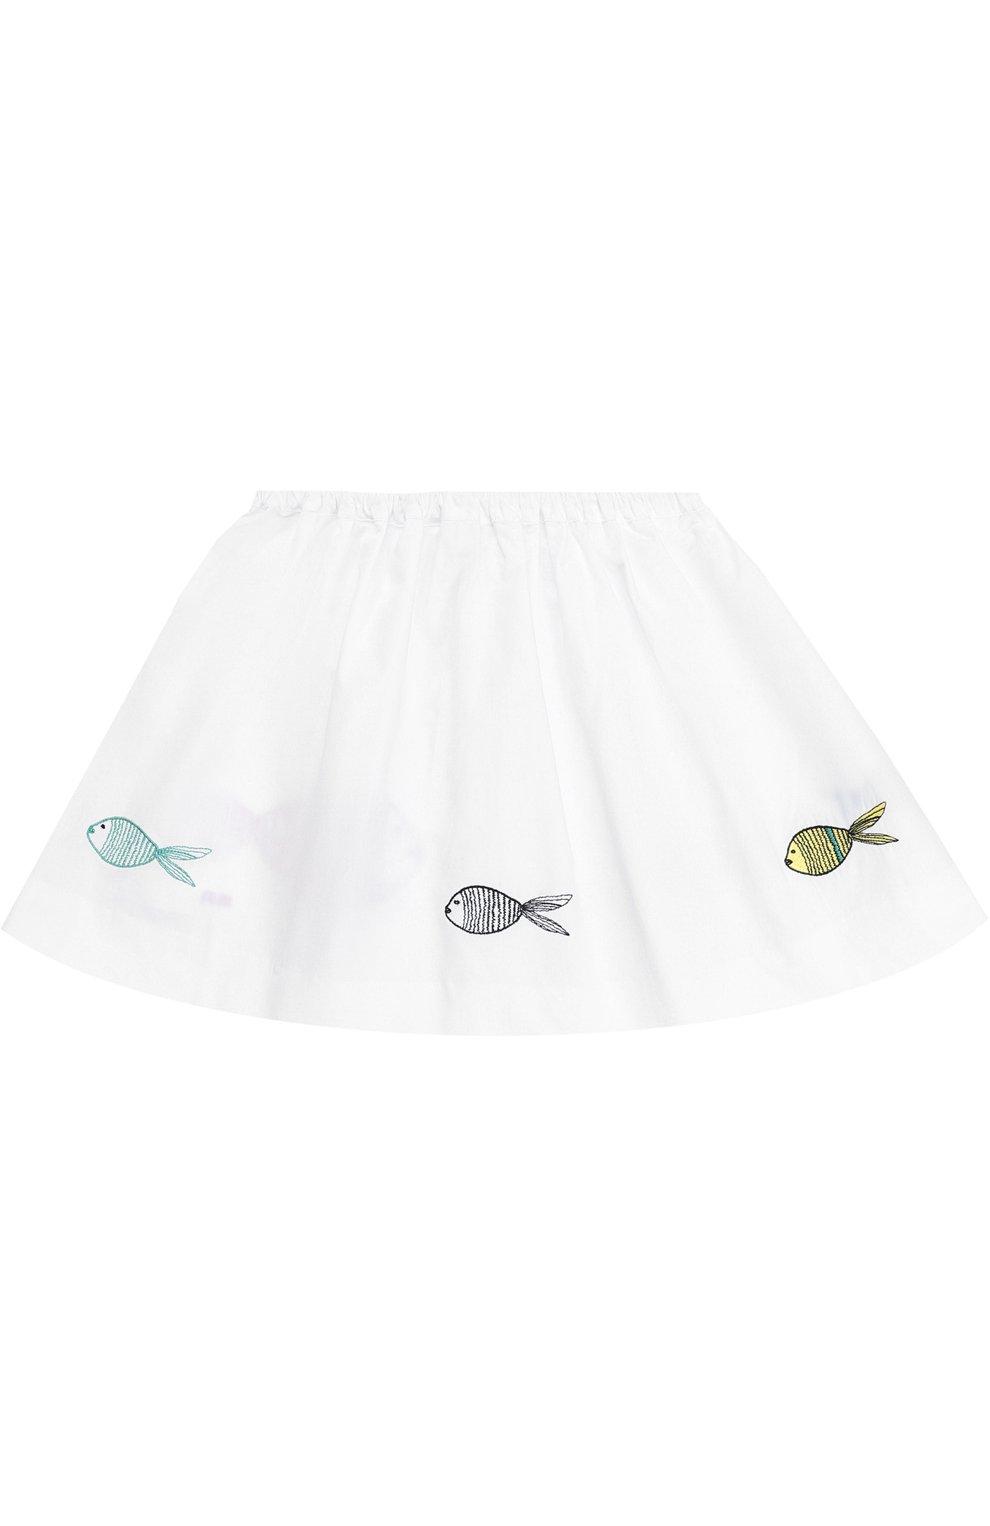 Хлопковая мини-юбка с вышивкой и контрастной прострочкой | Фото №2